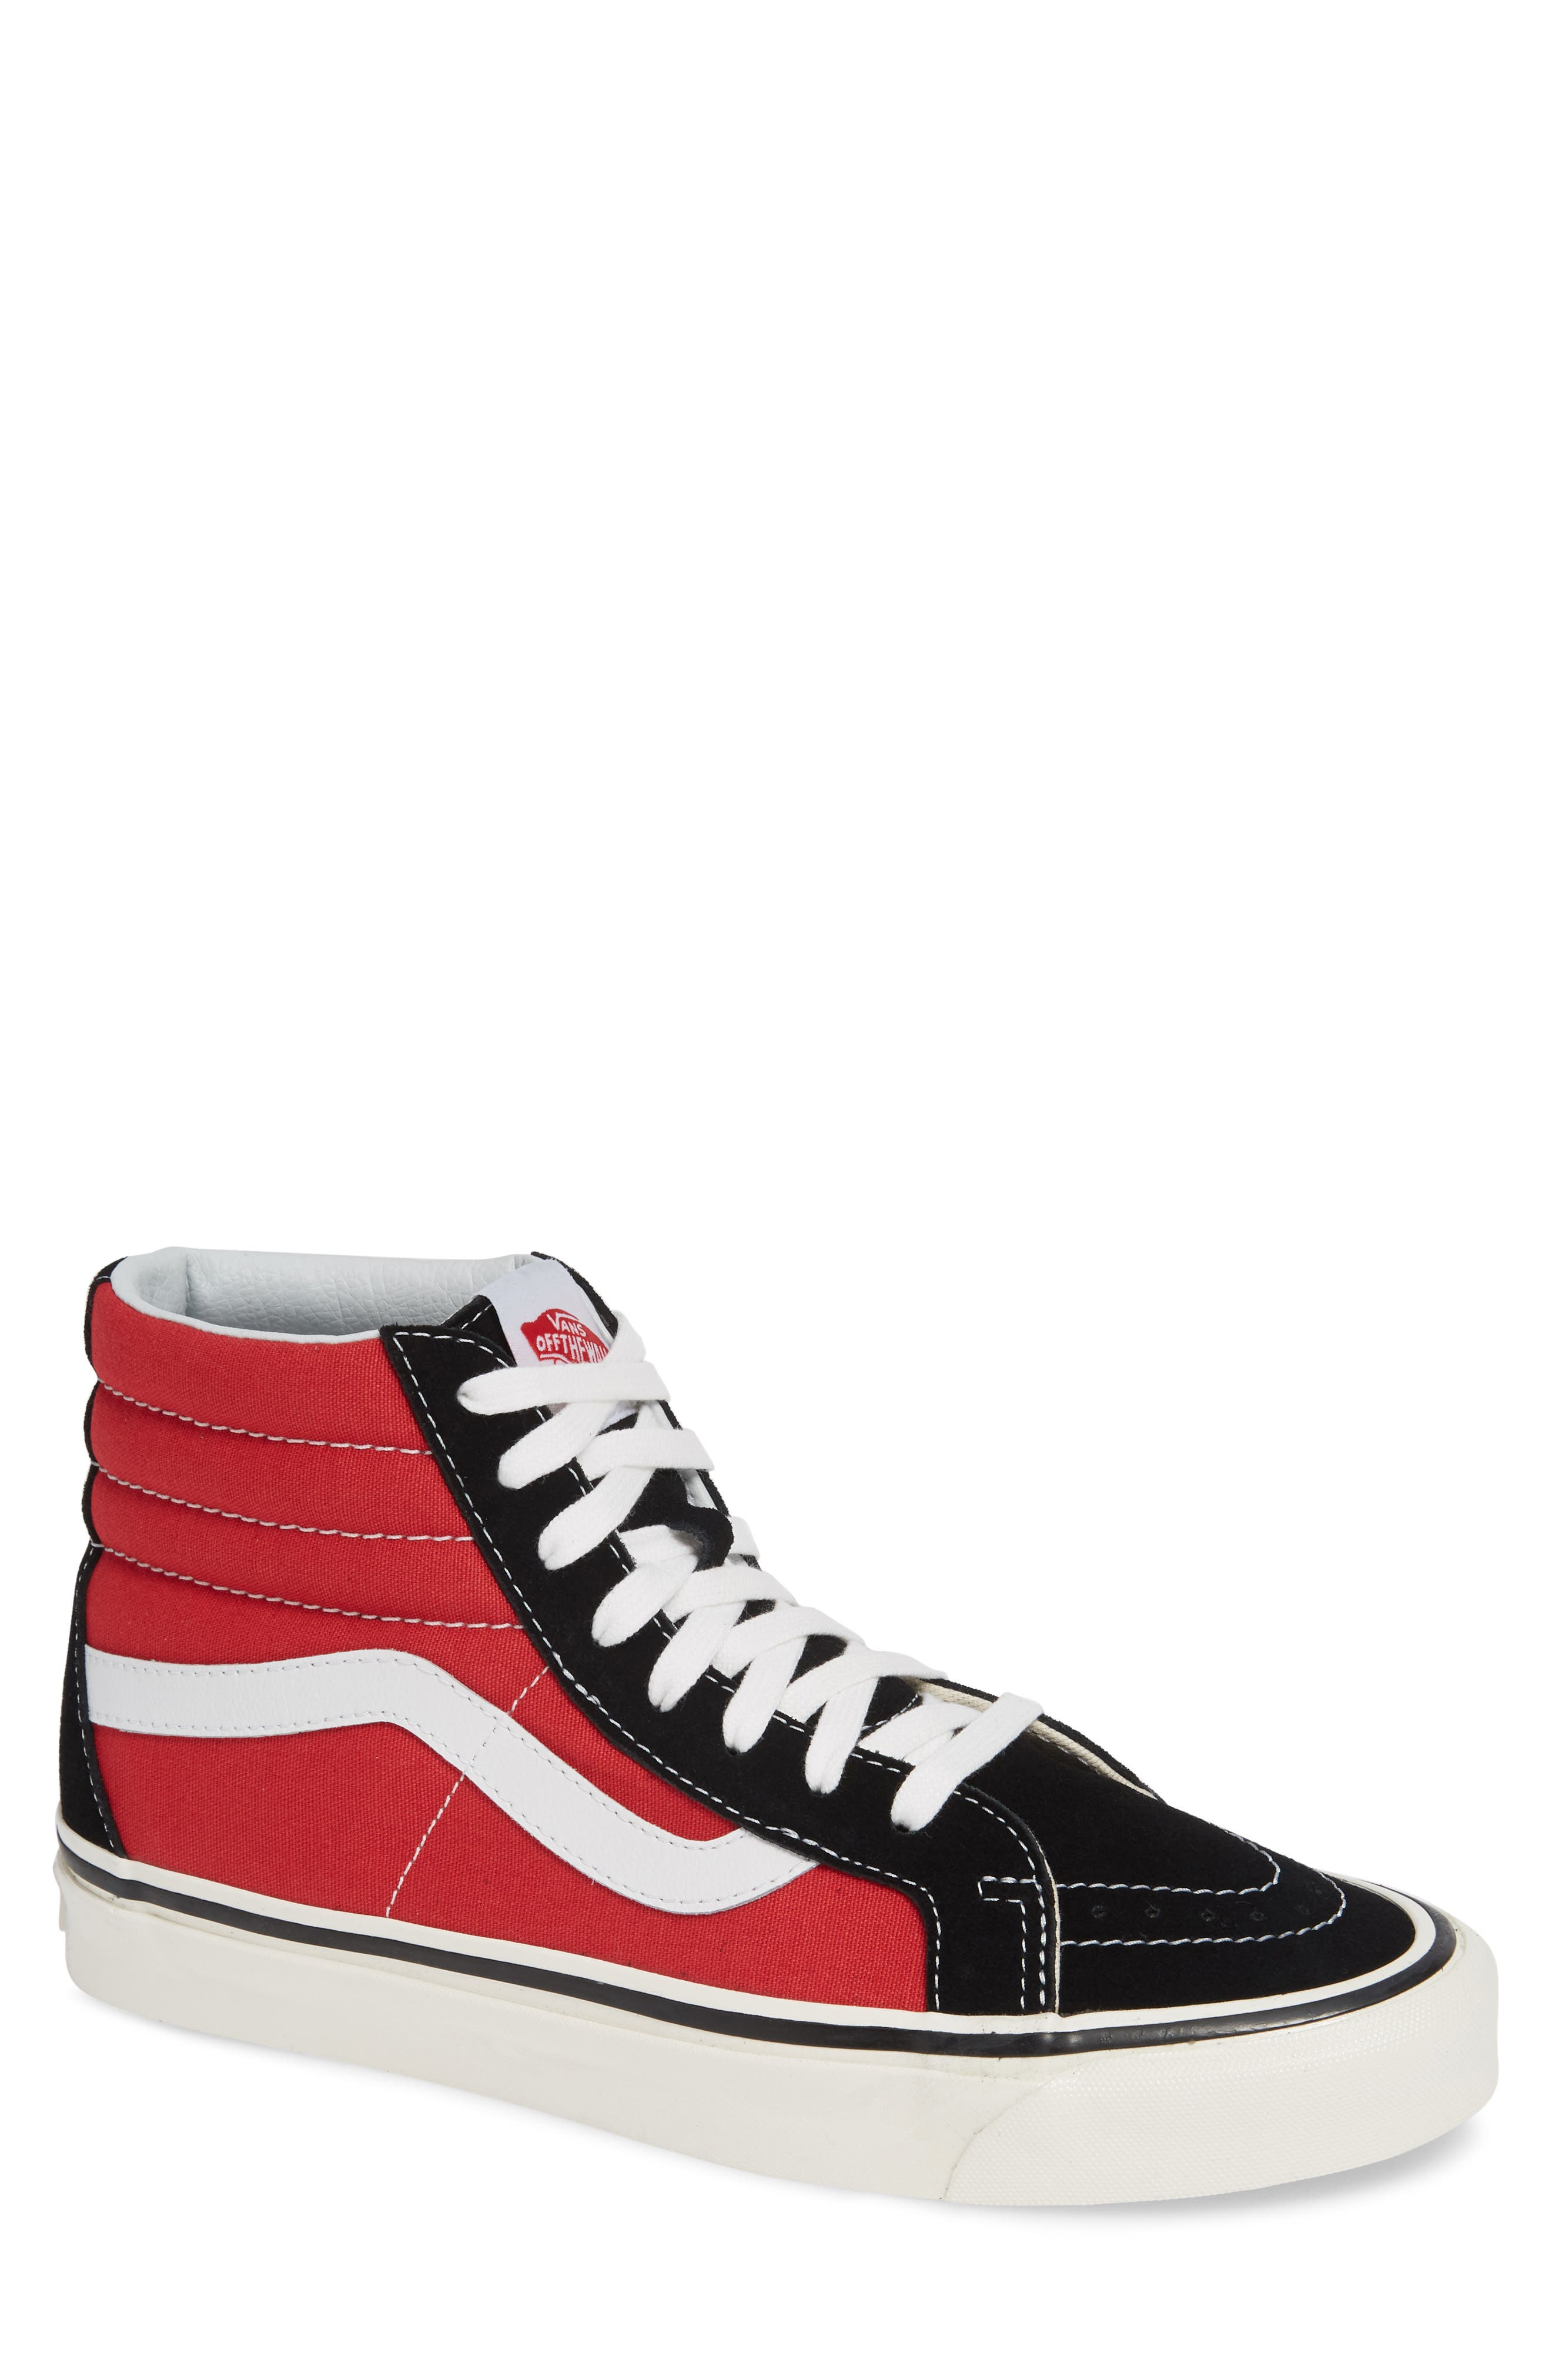 UA Sk8-Hi 38 DX Sneaker,                             Main thumbnail 1, color,                             OG BLACK/ OG RED CANVAS